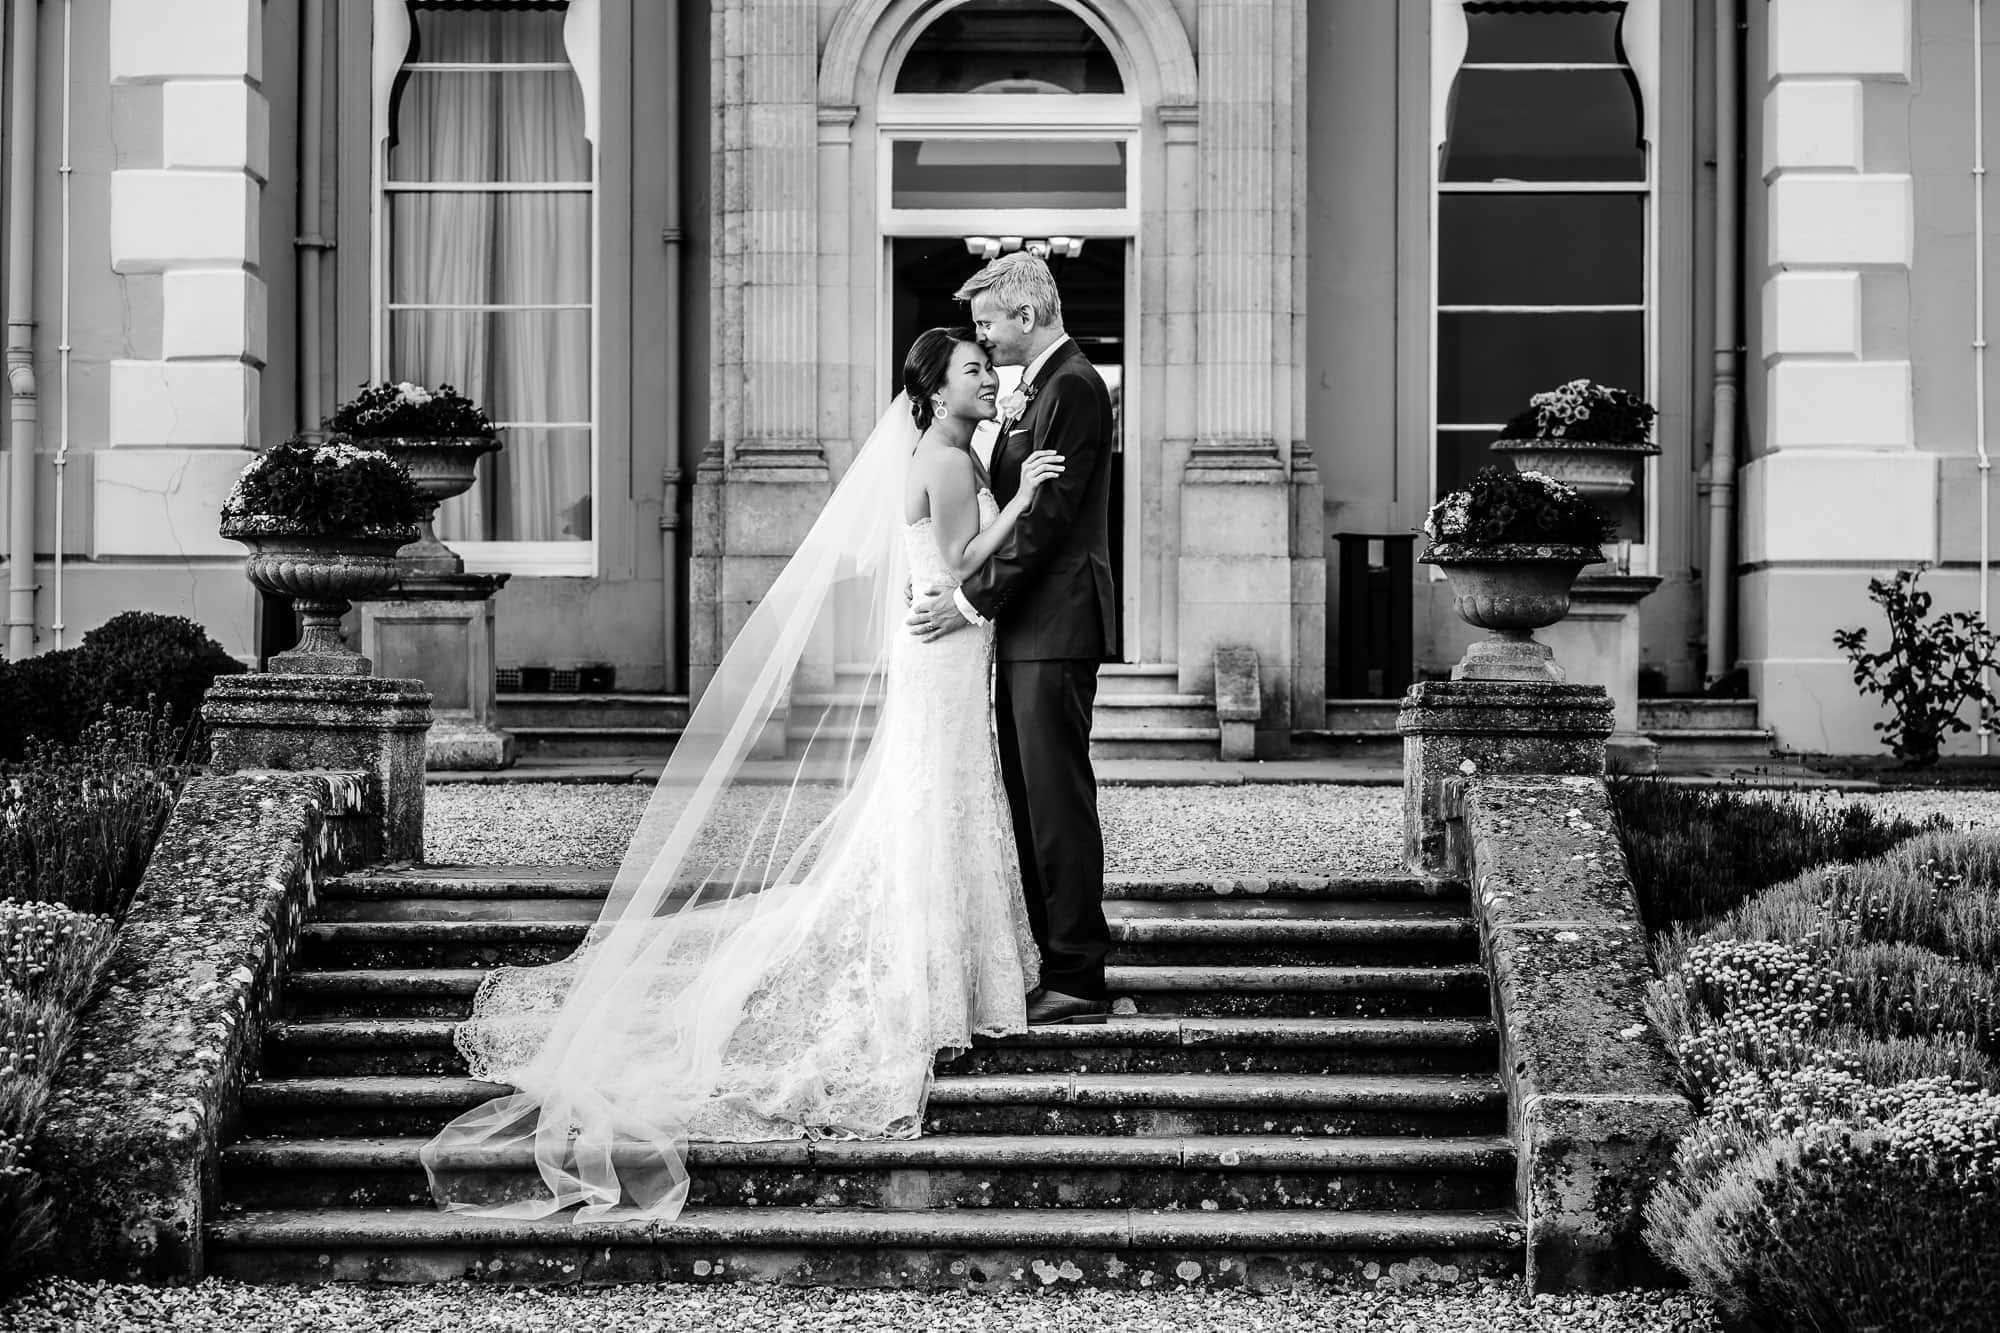 De Vere Wokefiled Estate wedding photography